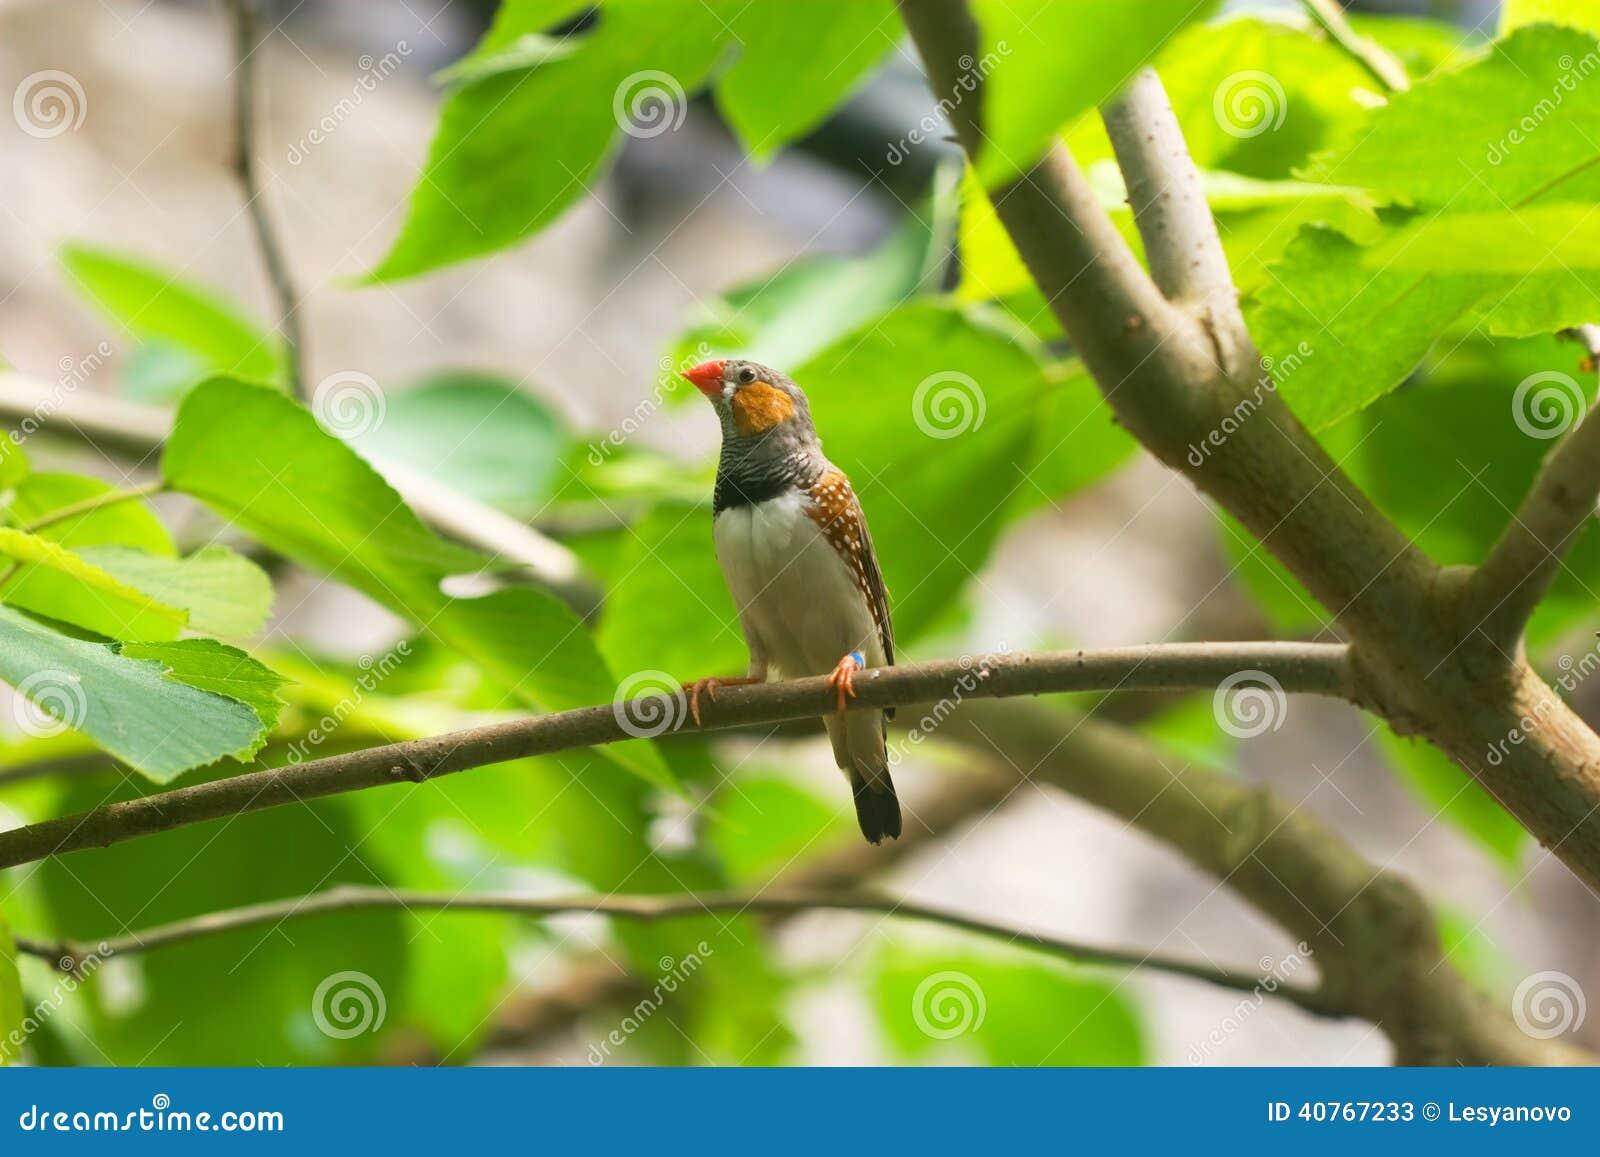 Oiseau avec le bec orange sur une branche d 39 arbre photo for Petit oiseau avec houpette